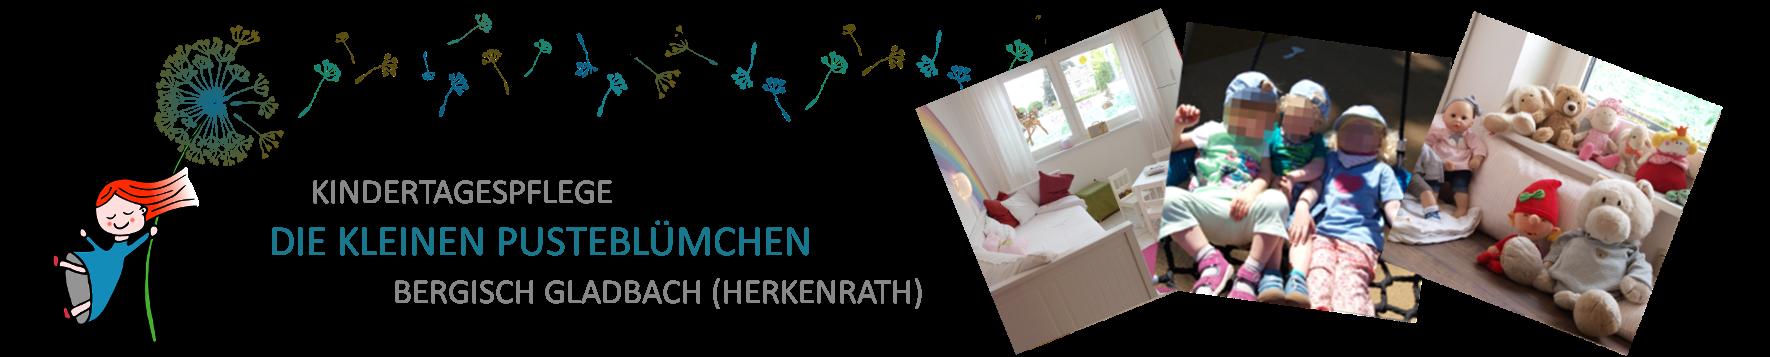 Tagesmutter in Bergisch Gladbach